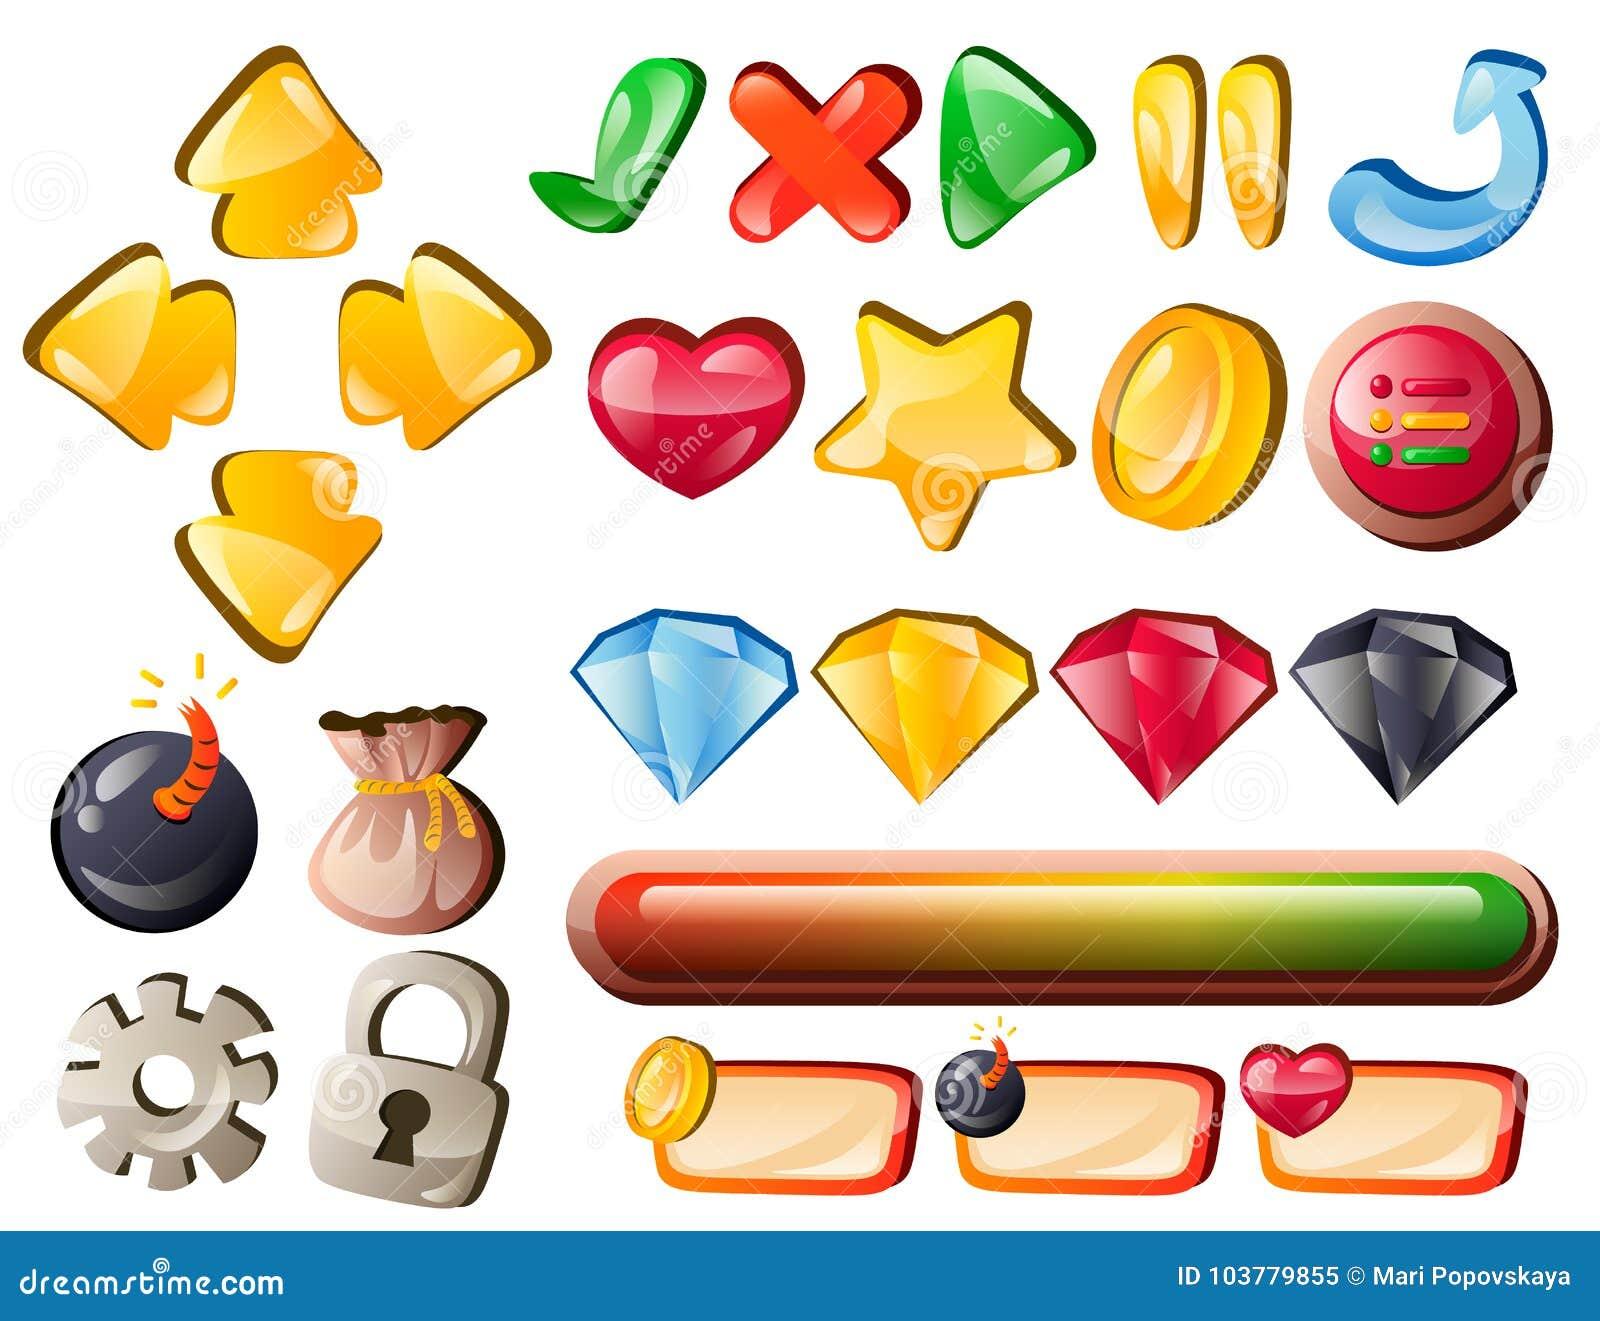 Elementos da relação do jogo da arte para pontos batidos